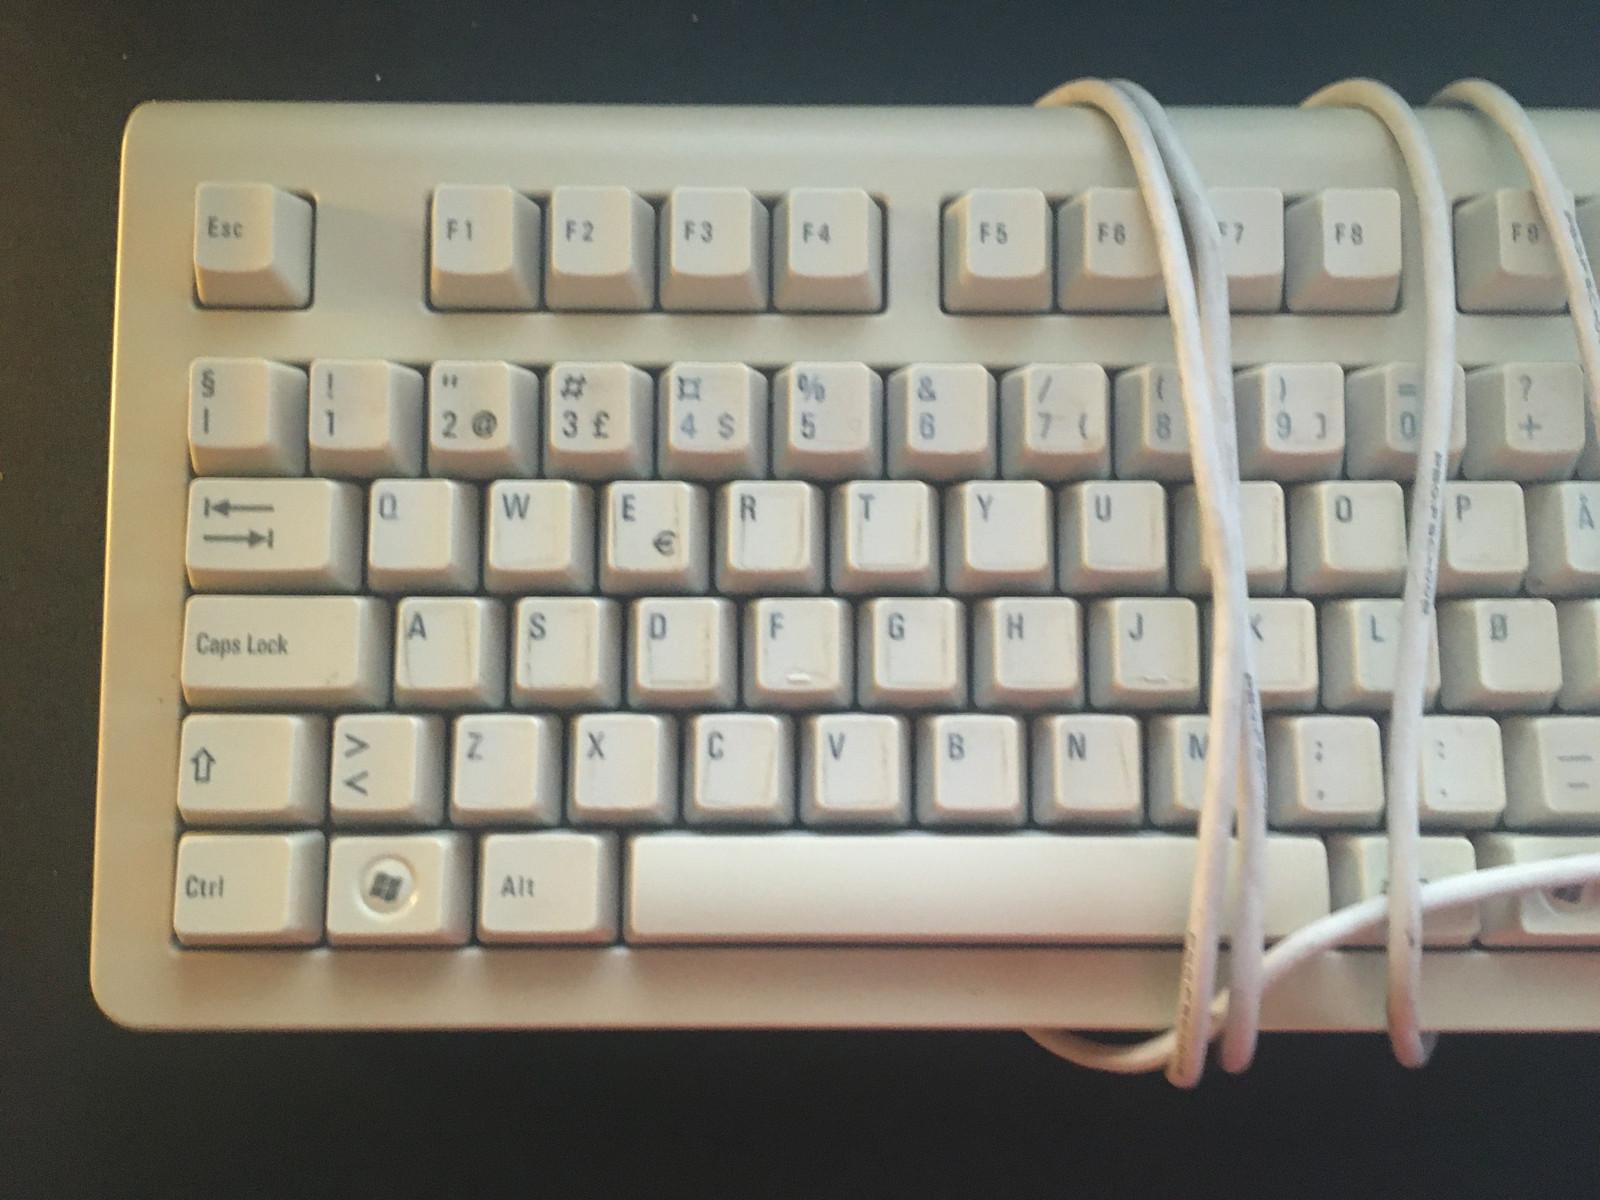 Fujitsu Siemens tastatur og mus. | FINN.no